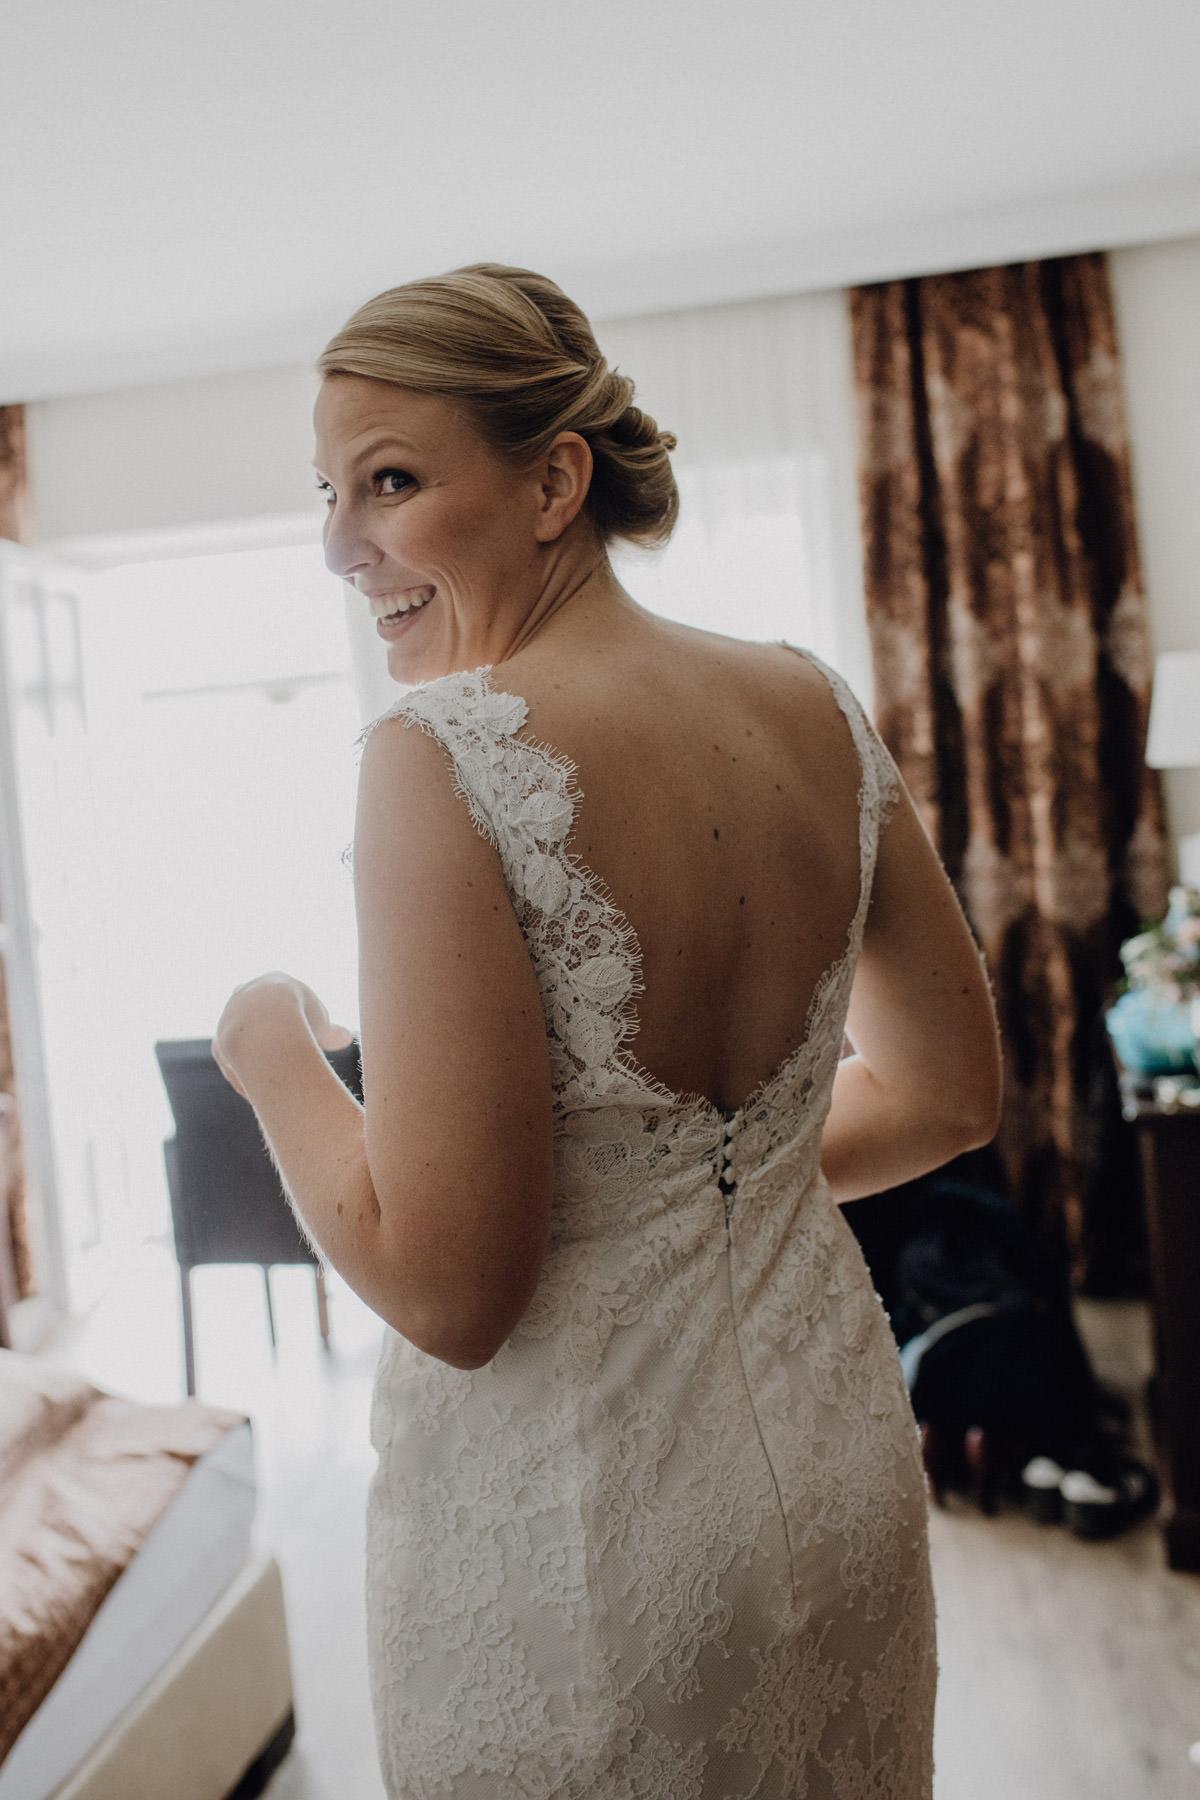 Natürliches Hochzeitsportrait von der Braut